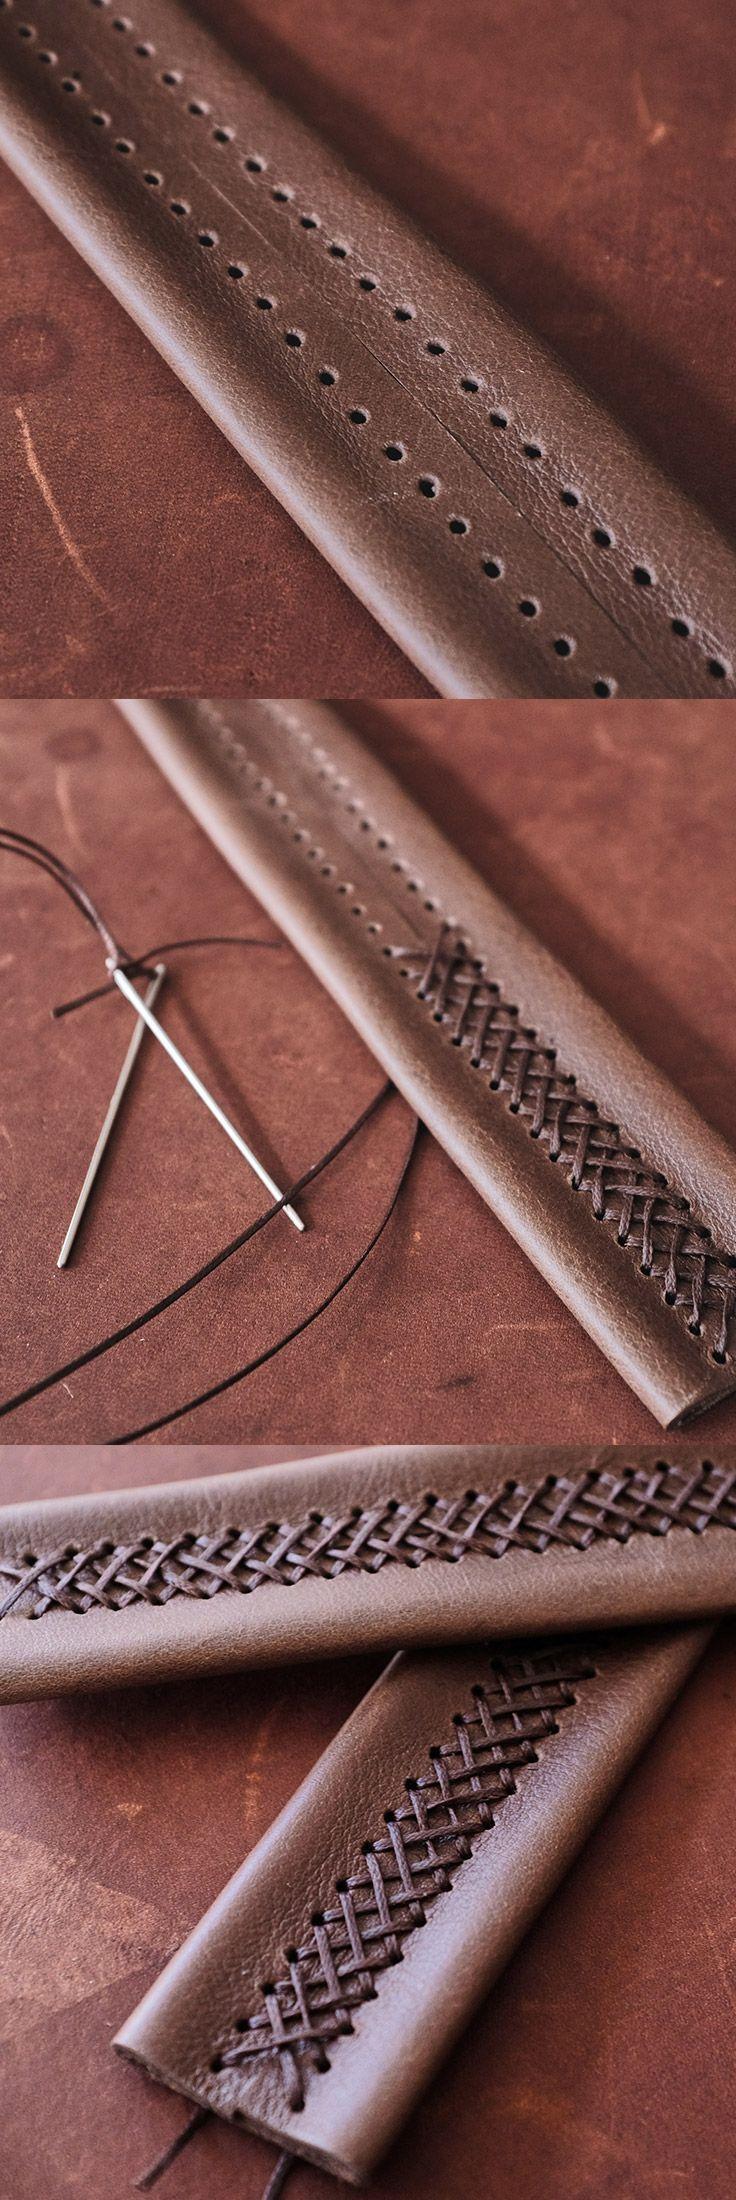 Friseur-Toilettenartikel · Braun #metallicleather